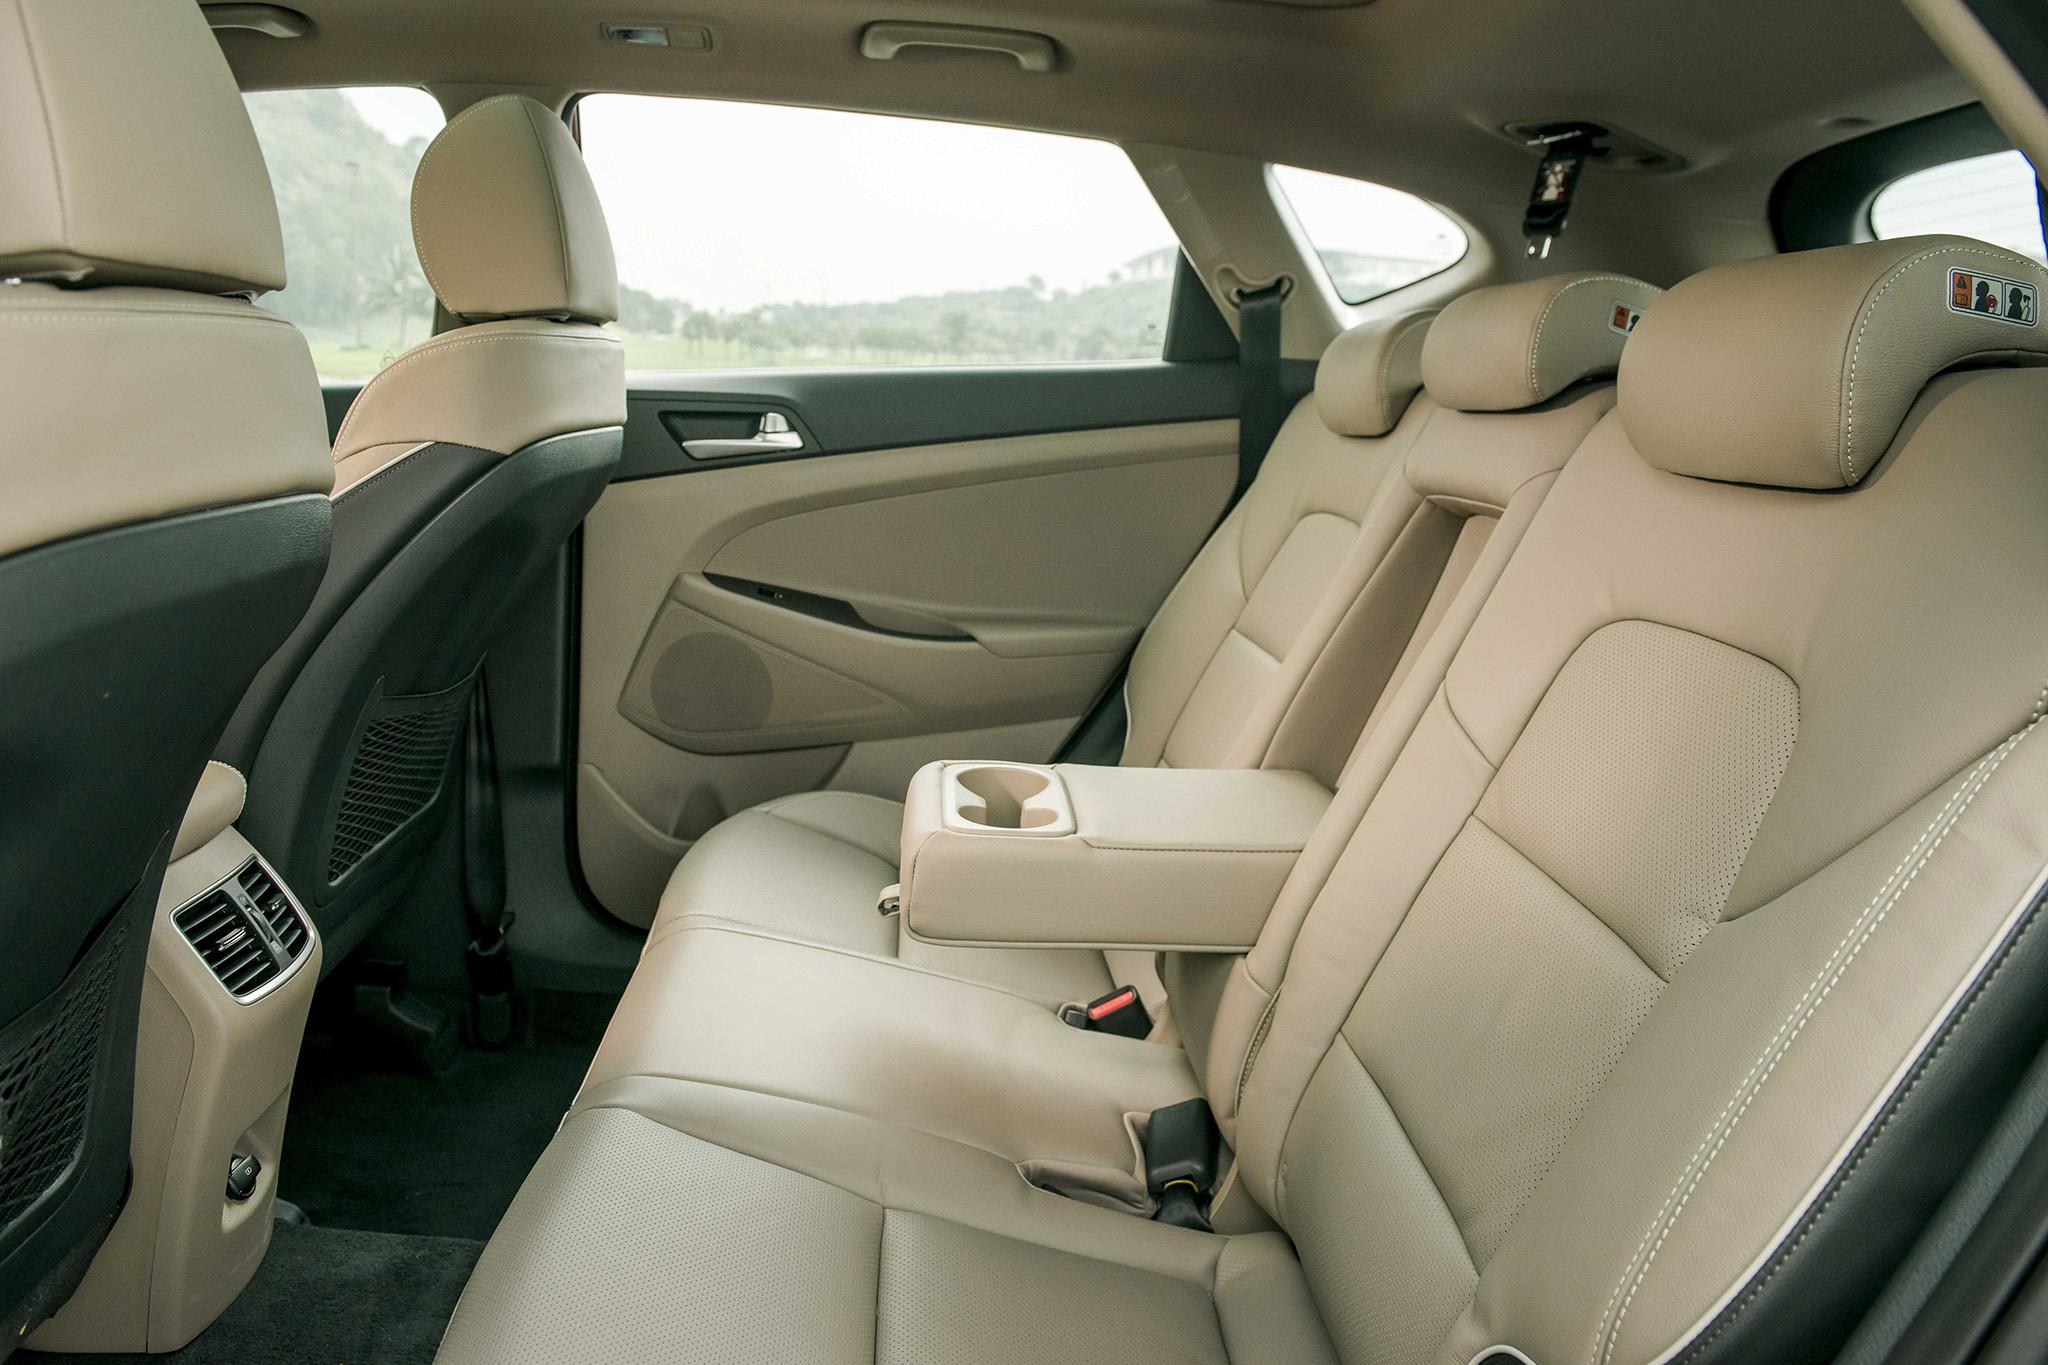 danh gia xe hyundai tucson 2019 tai muaxegiabeo 20 - Hyundai Tucson mới: khuyến mãi và giá xe tháng [hienthithang]/[hienthinam]